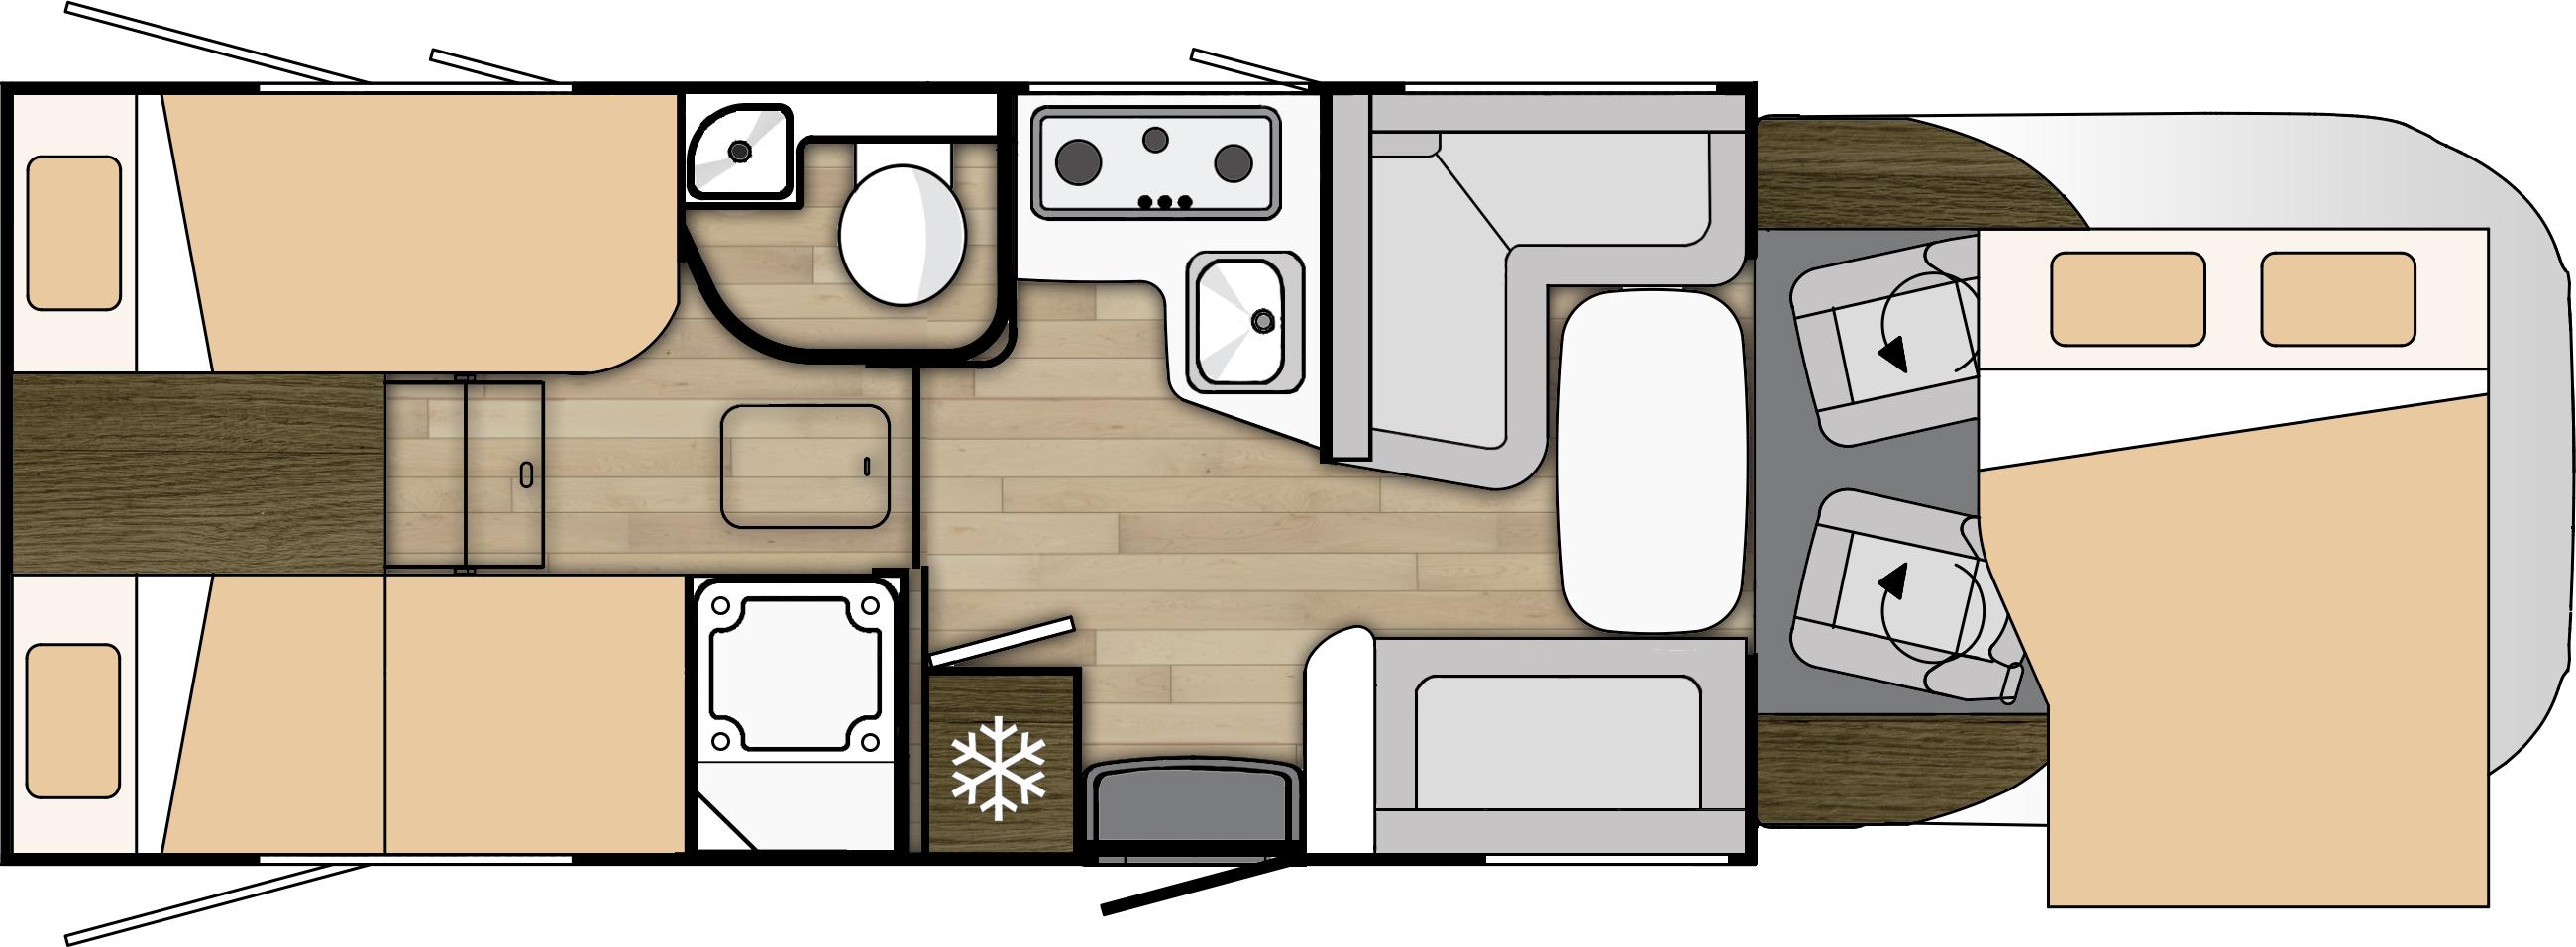 Plan kampera